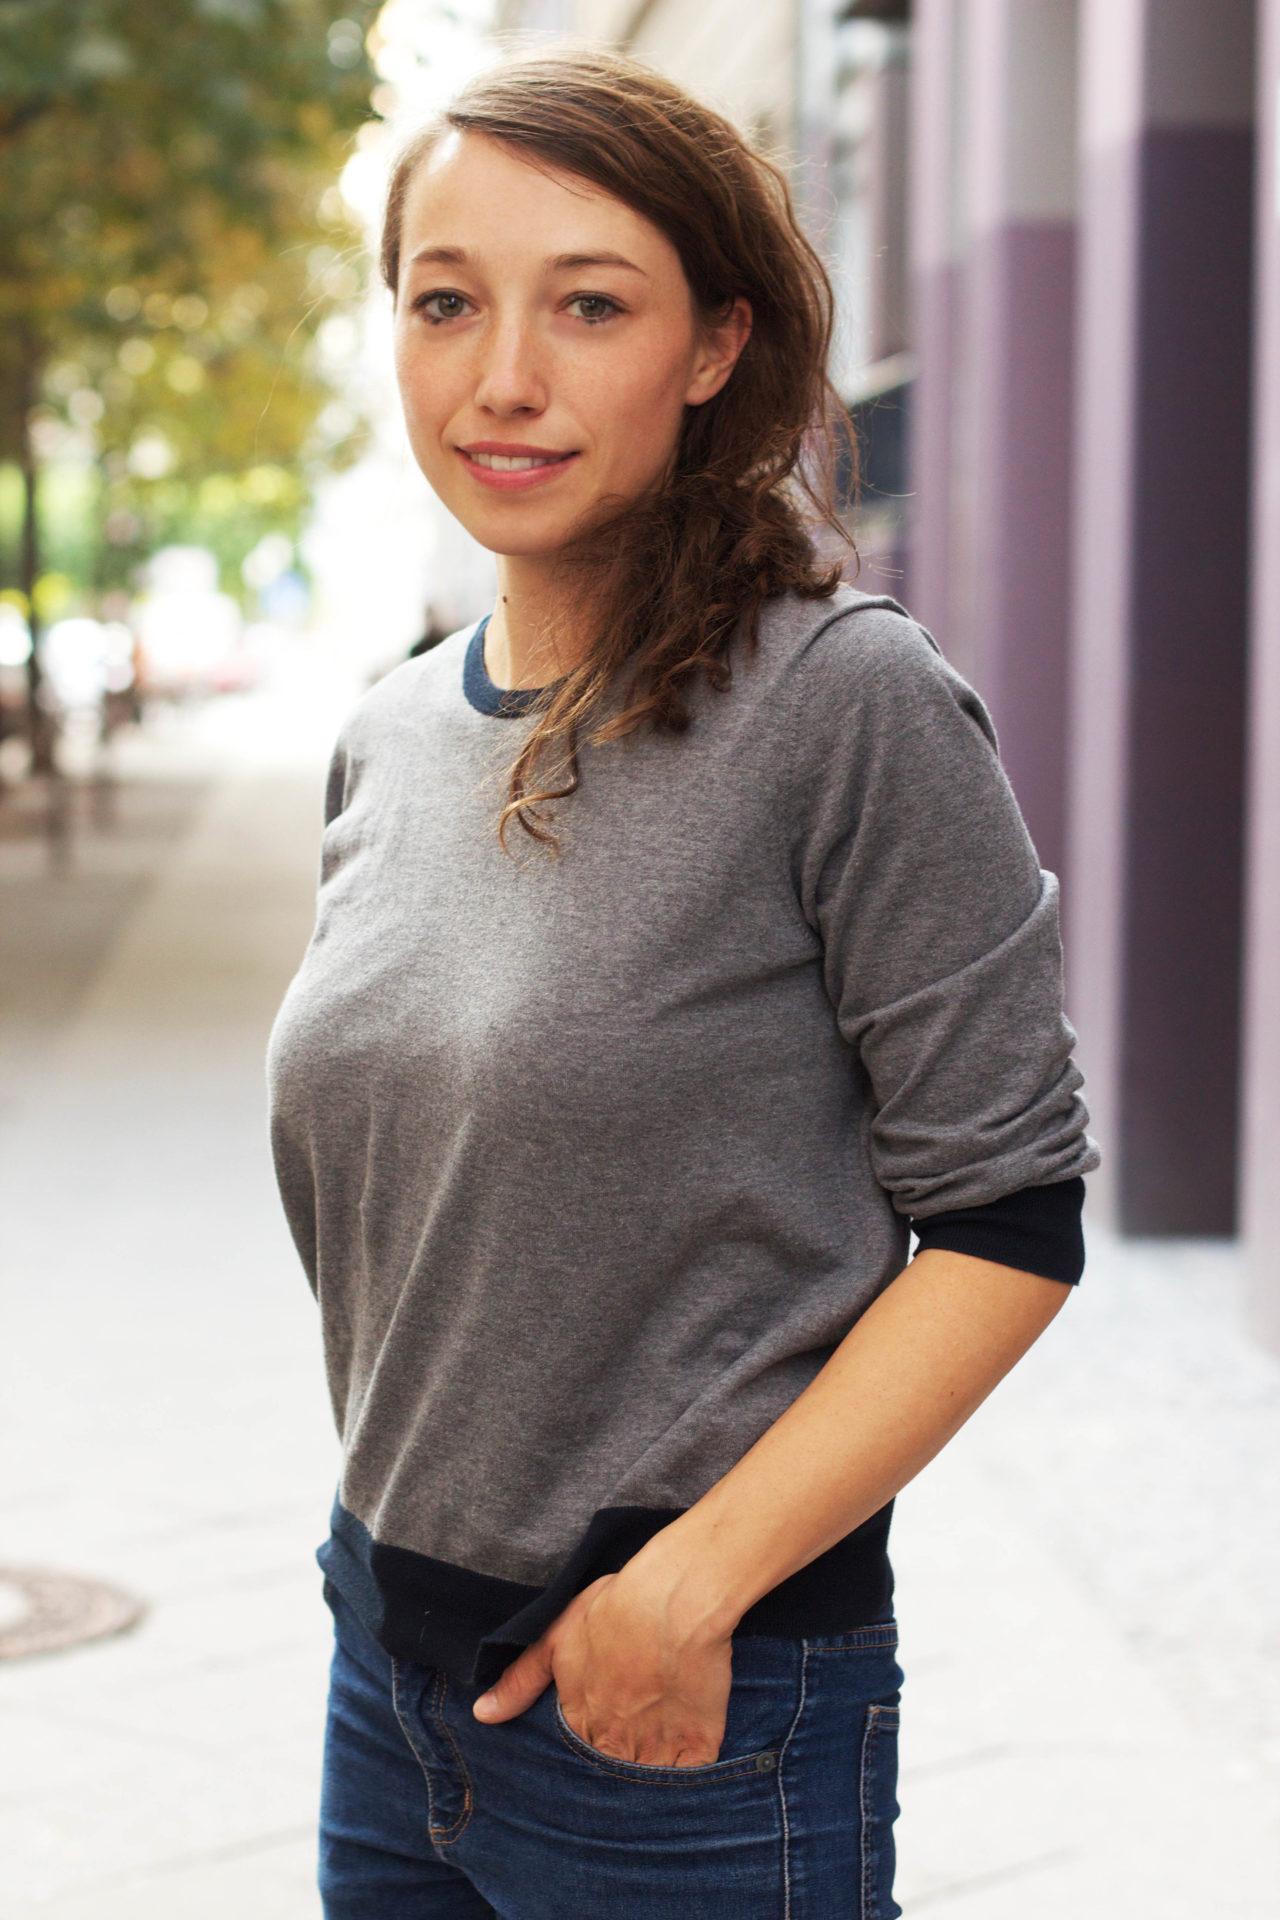 Sylvia Rieger